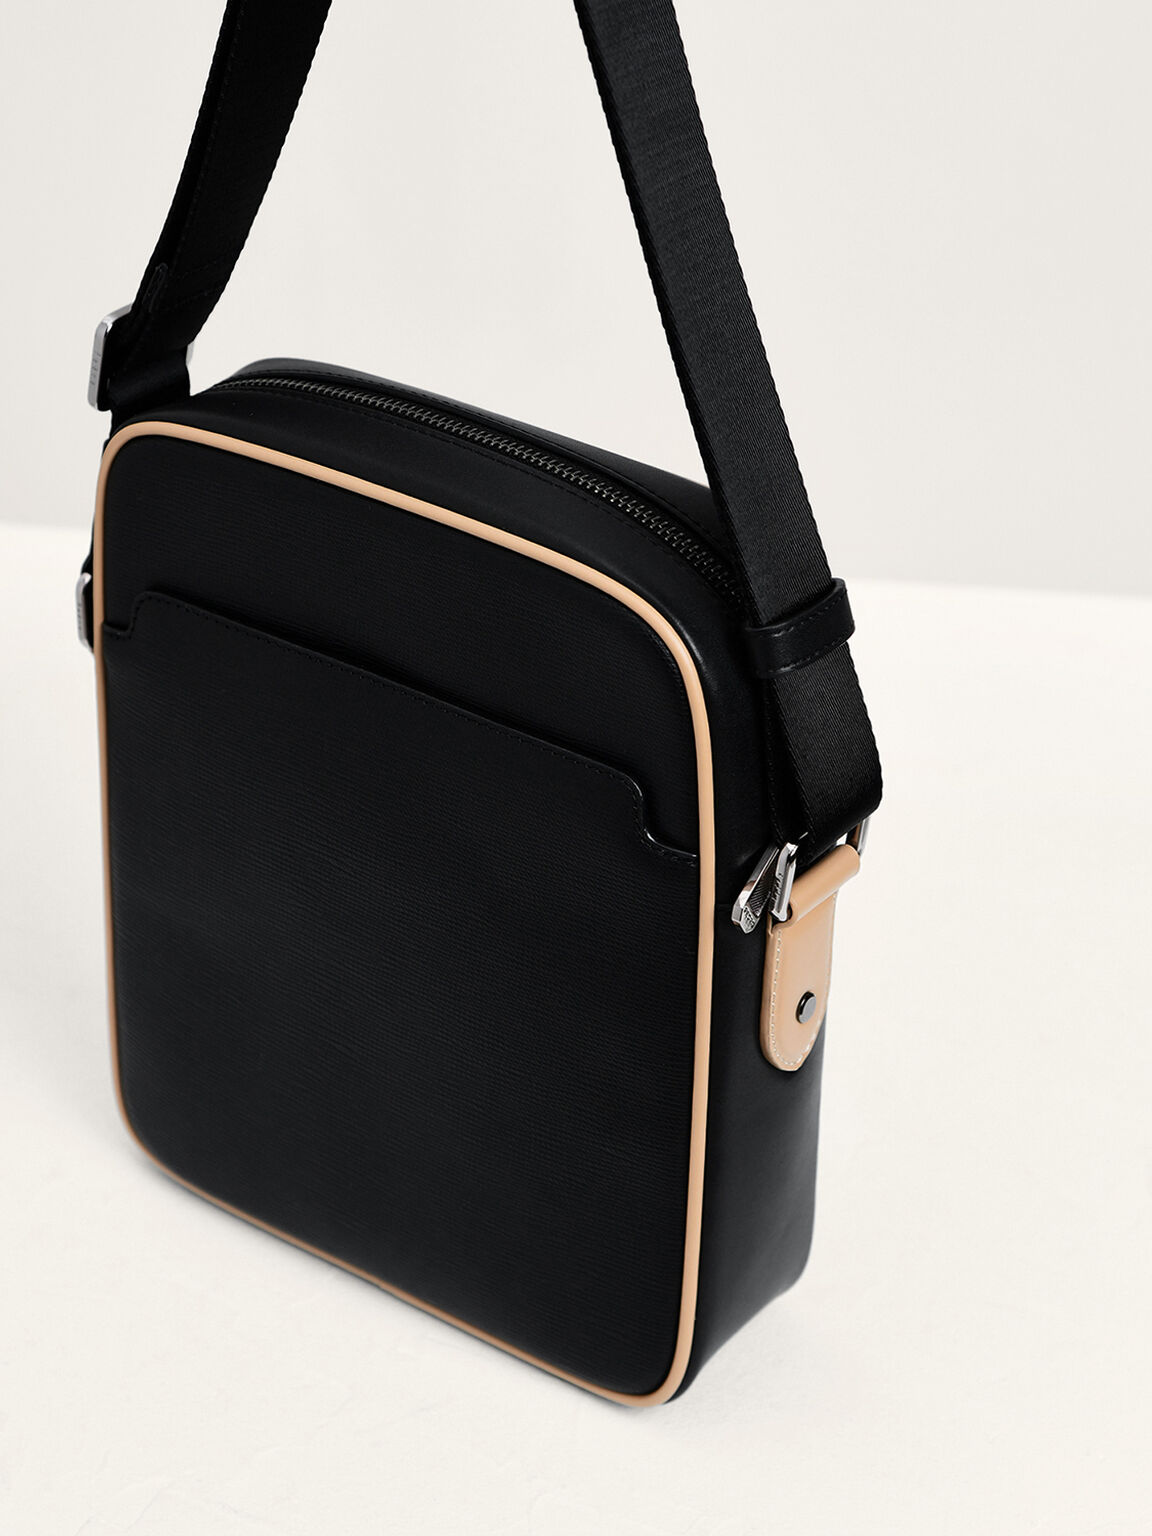 Embossed Leather Sling Bag, Black, hi-res